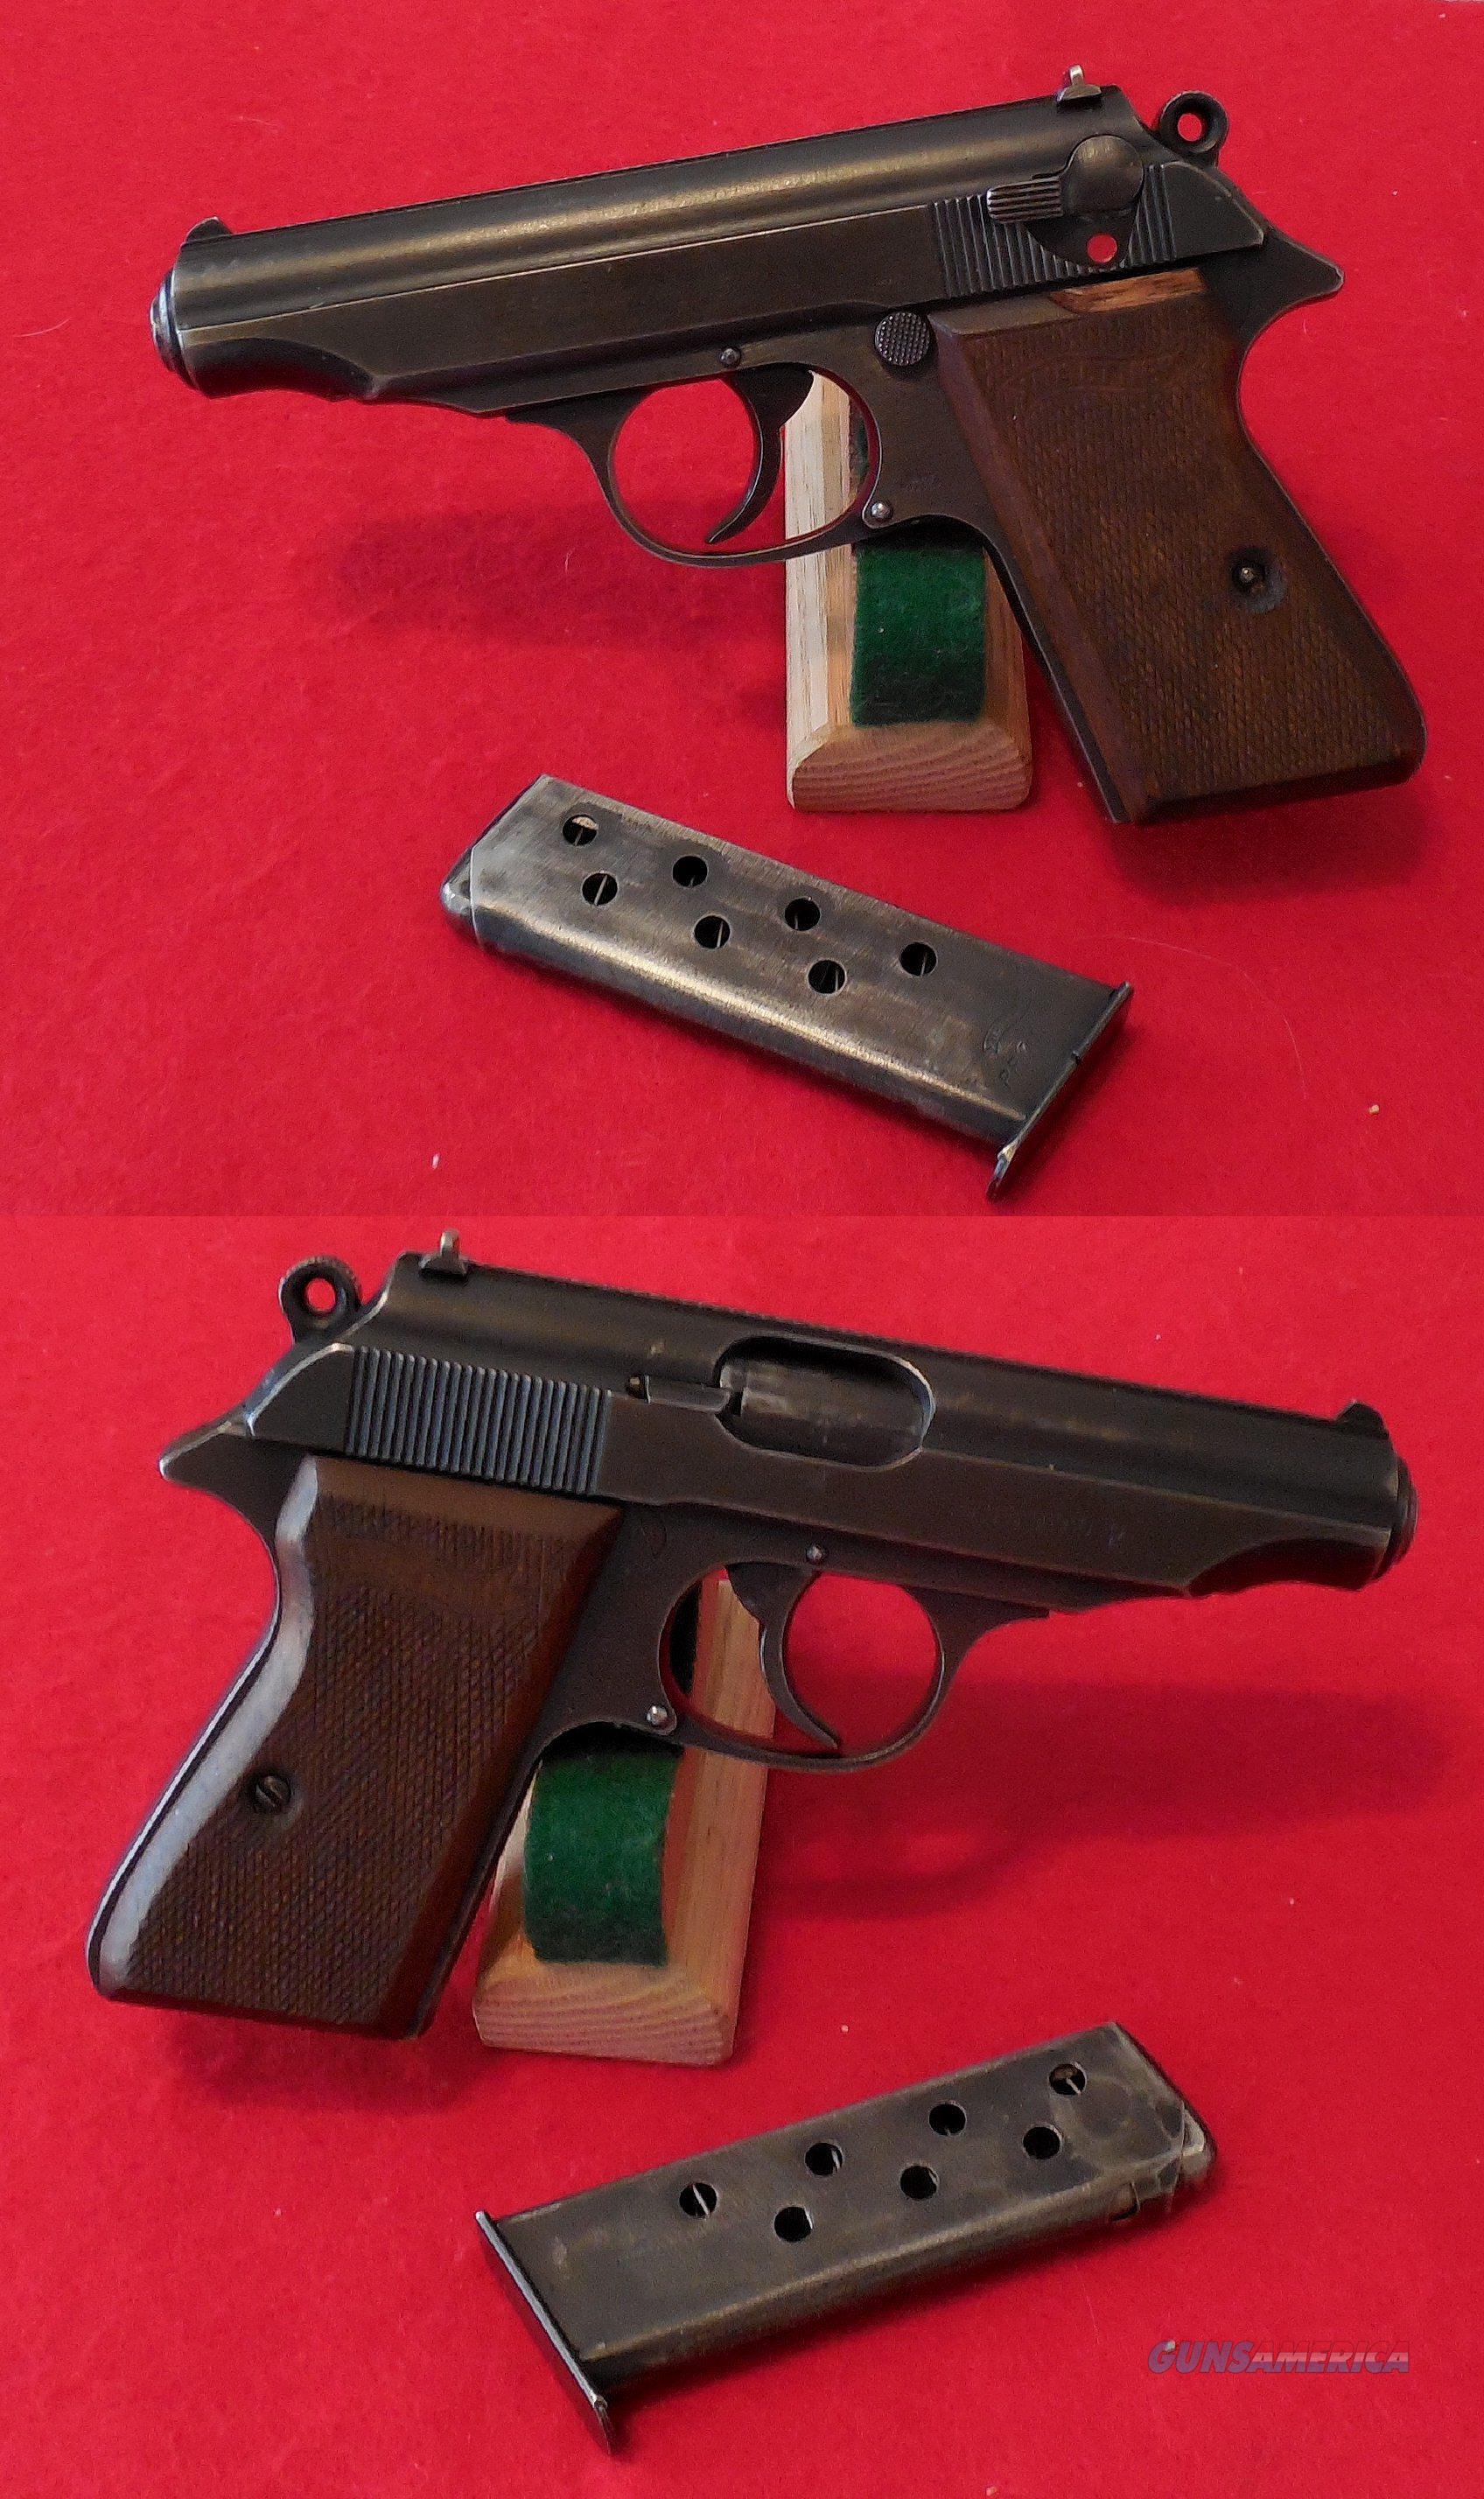 Walther PP (Waffenamt E/359) Semi-Auto Pistol  Guns > Pistols > Walther Pistols > Pre-1945 > PP